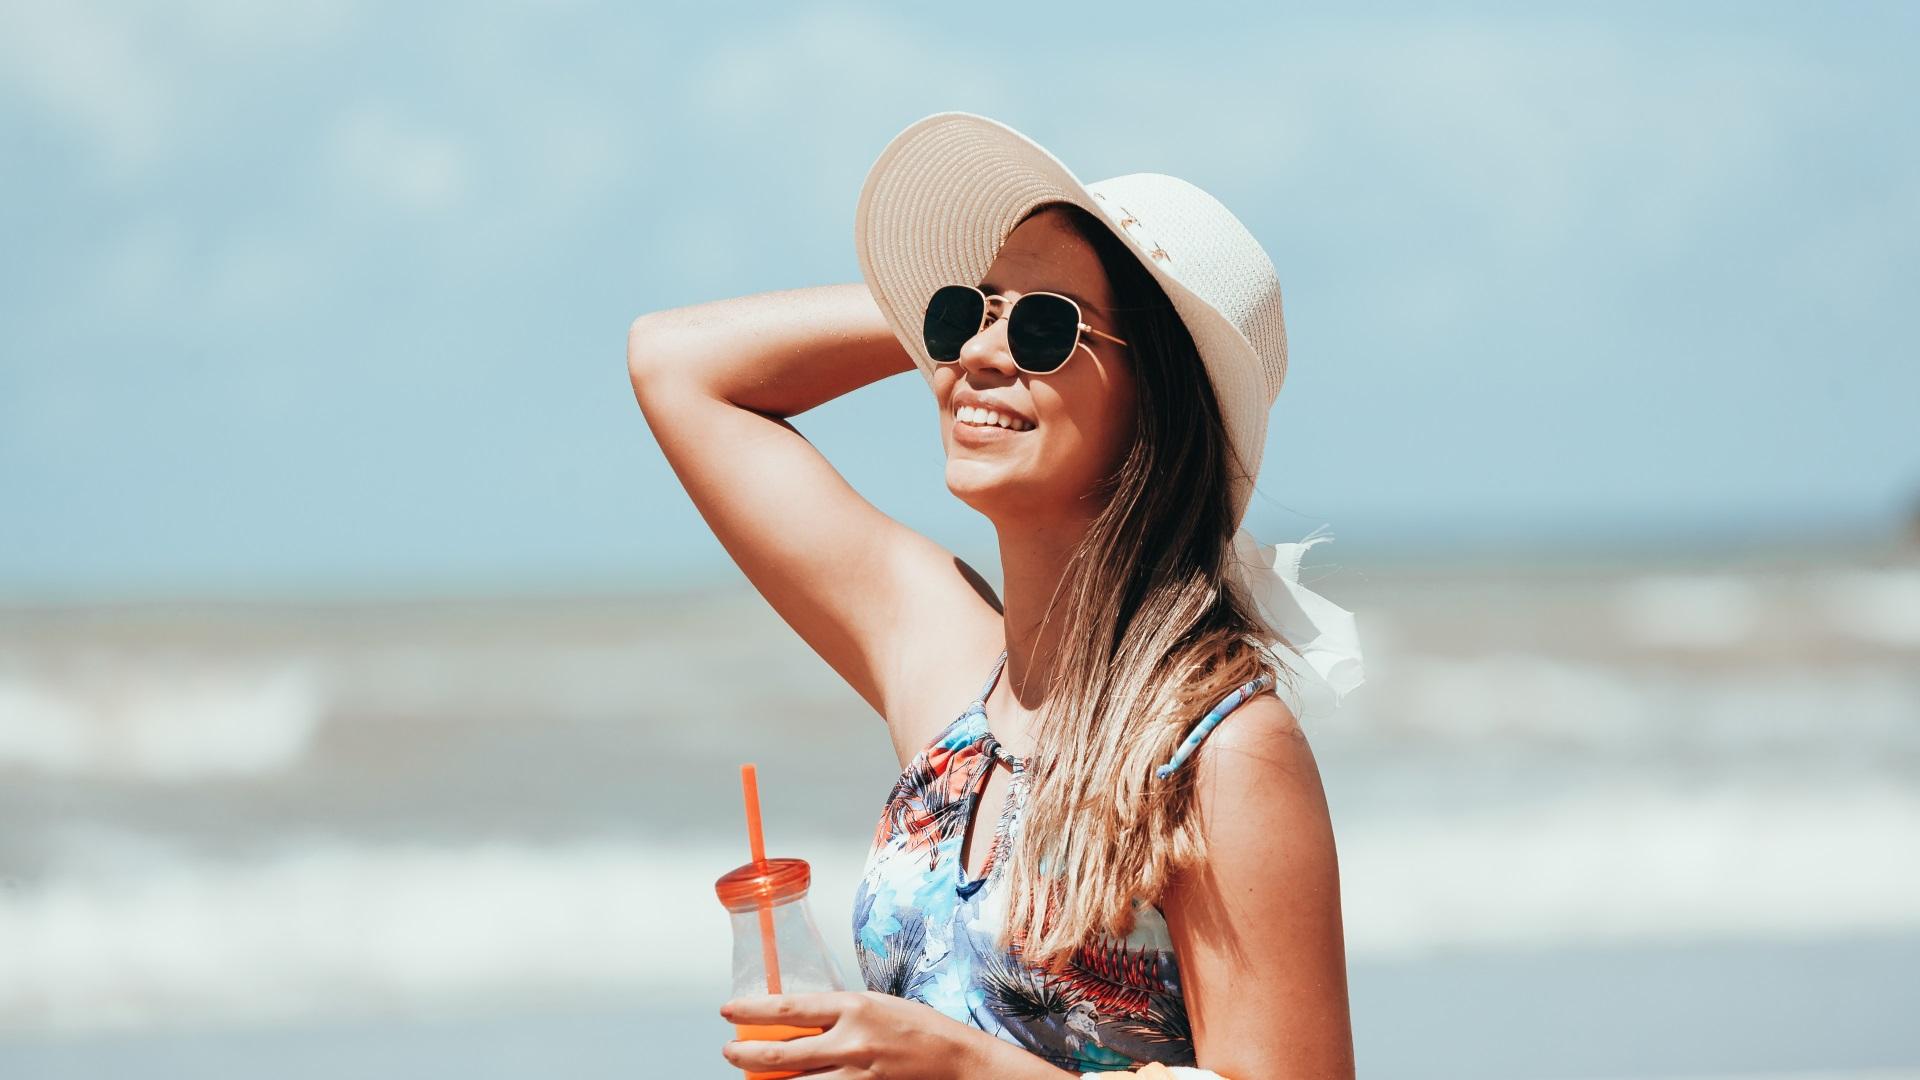 Дълбоко почистване - Вземете си душ възможно най-бързо след плажа и се уверете, че сте успели да премахнете цялото количество сол и слънцезащитни продукти по кожата. Не забравяйте да нанесете качествен балсам за коса.